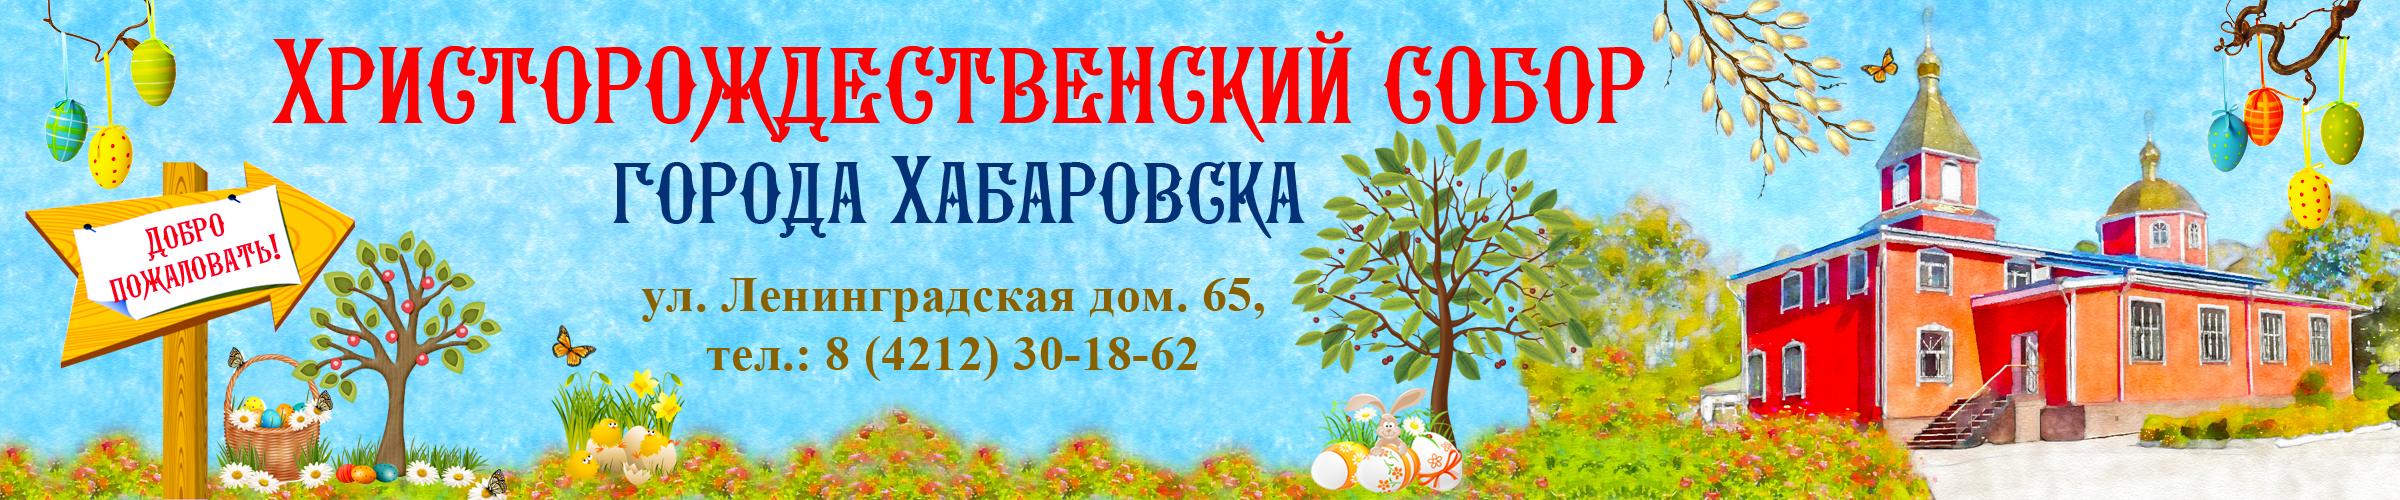 Христорождественский собор г. Хабаровск Официальный сайт